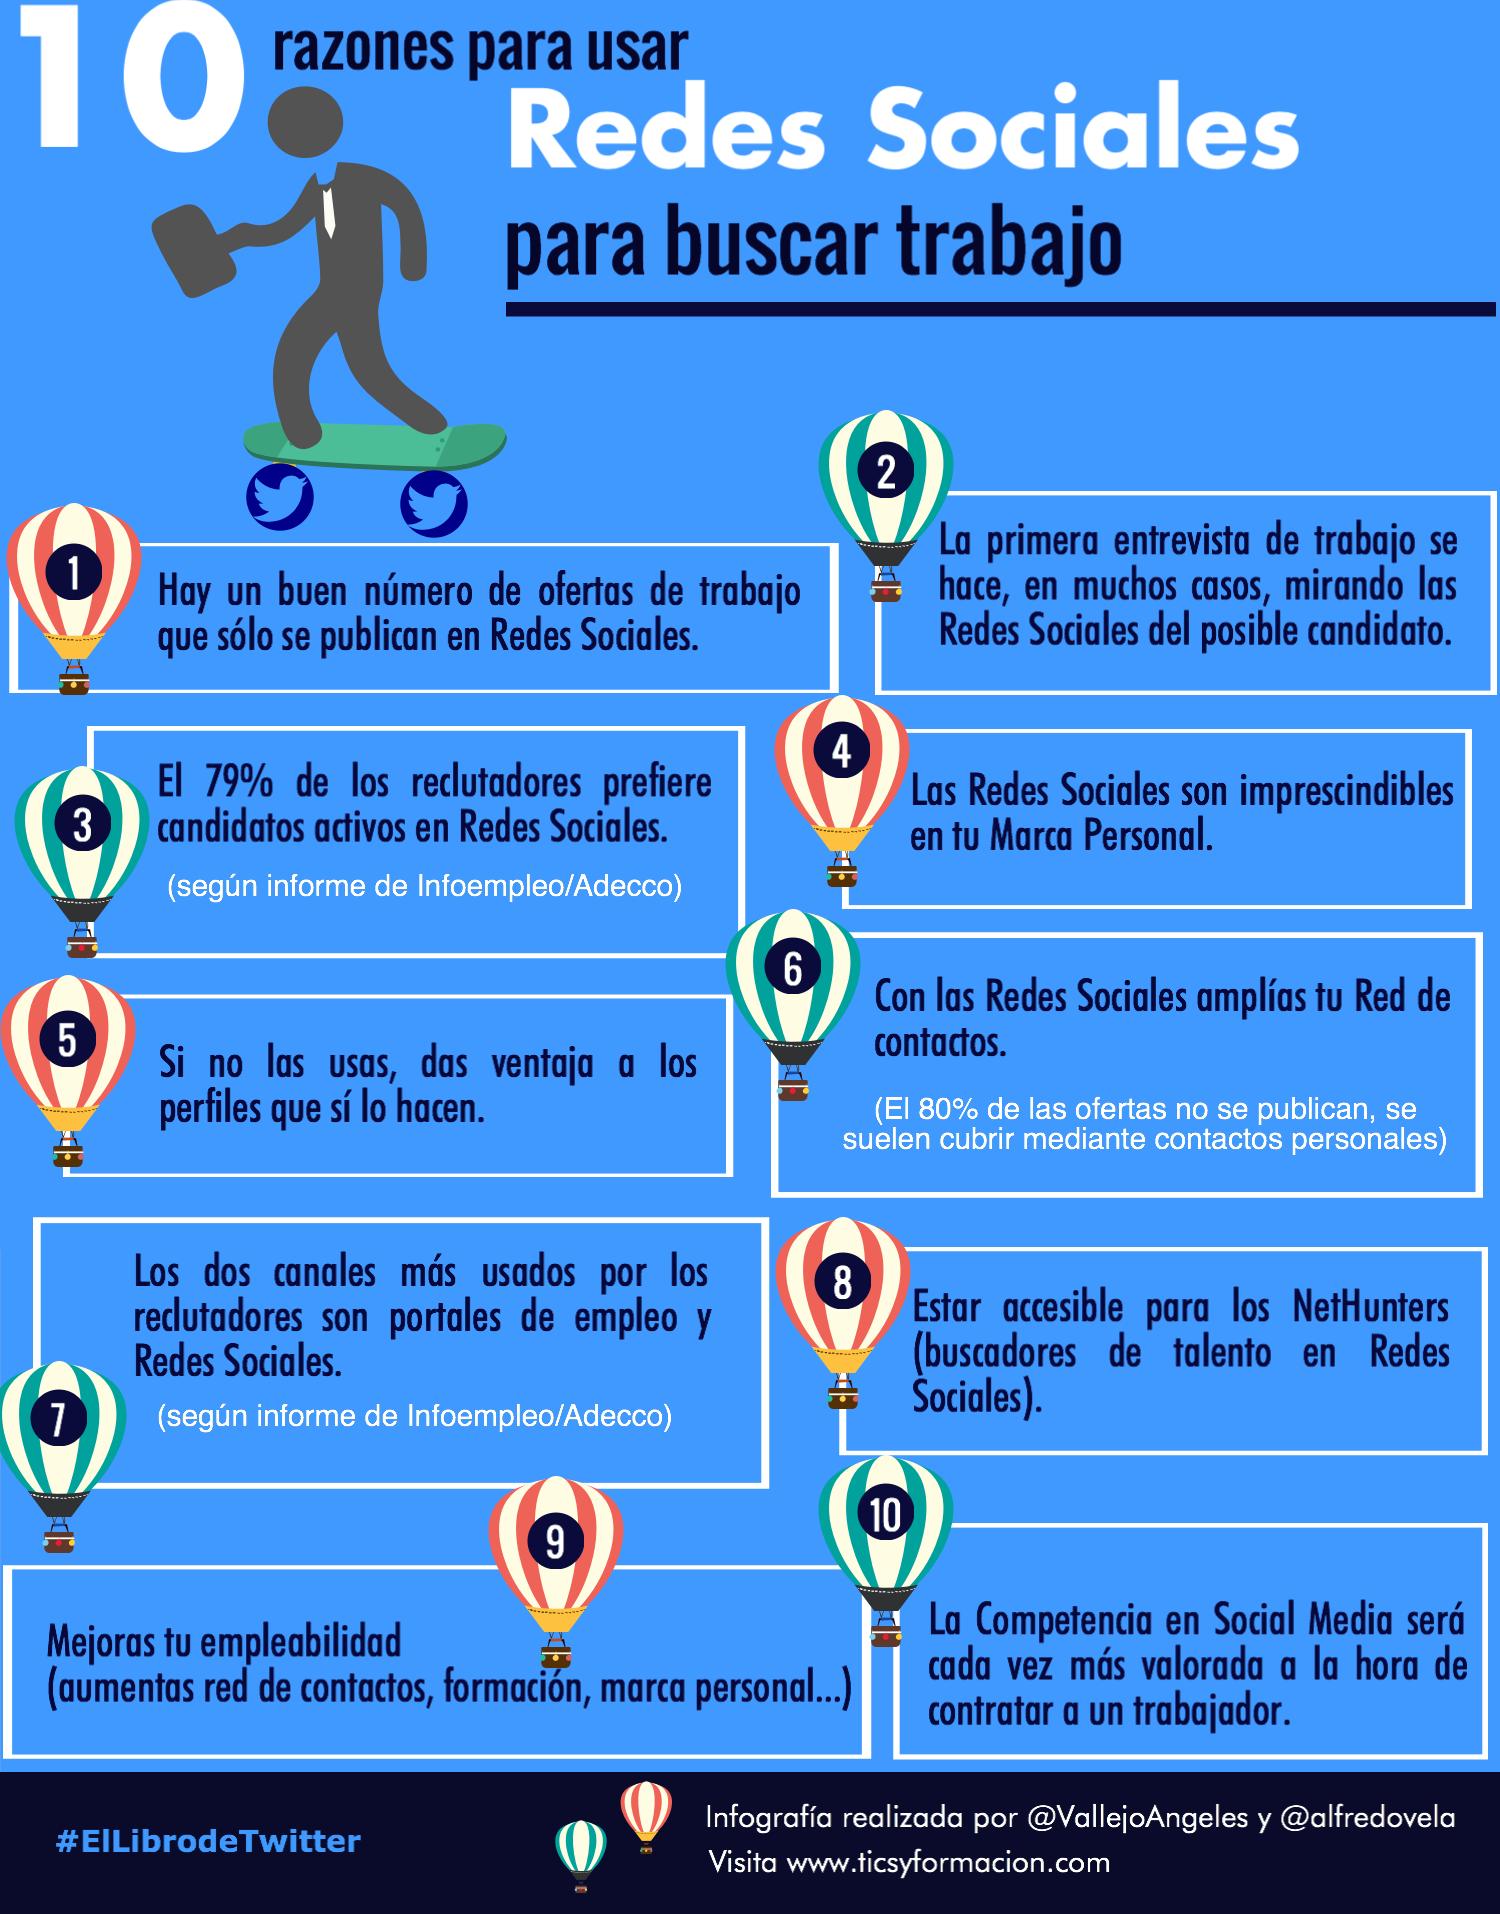 10 Razones Para Usar Redes Sociales Para Buscar Trabajo Infografia Empleo Socialmedia Tics Y Formación